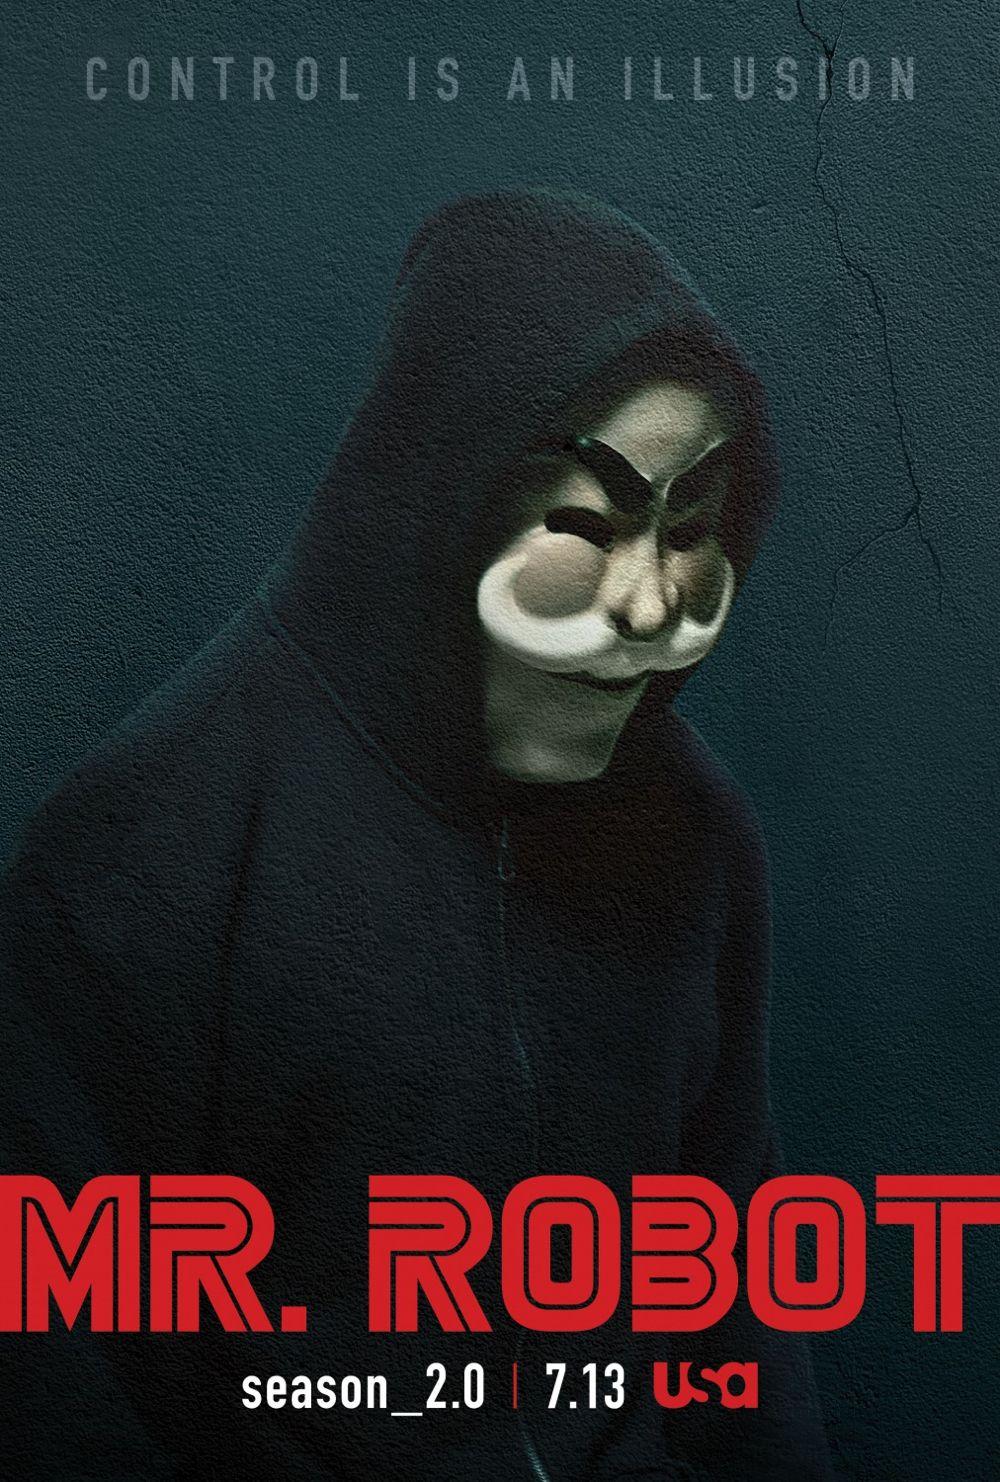 Mr Robot Season 2 Poster USA Network 2